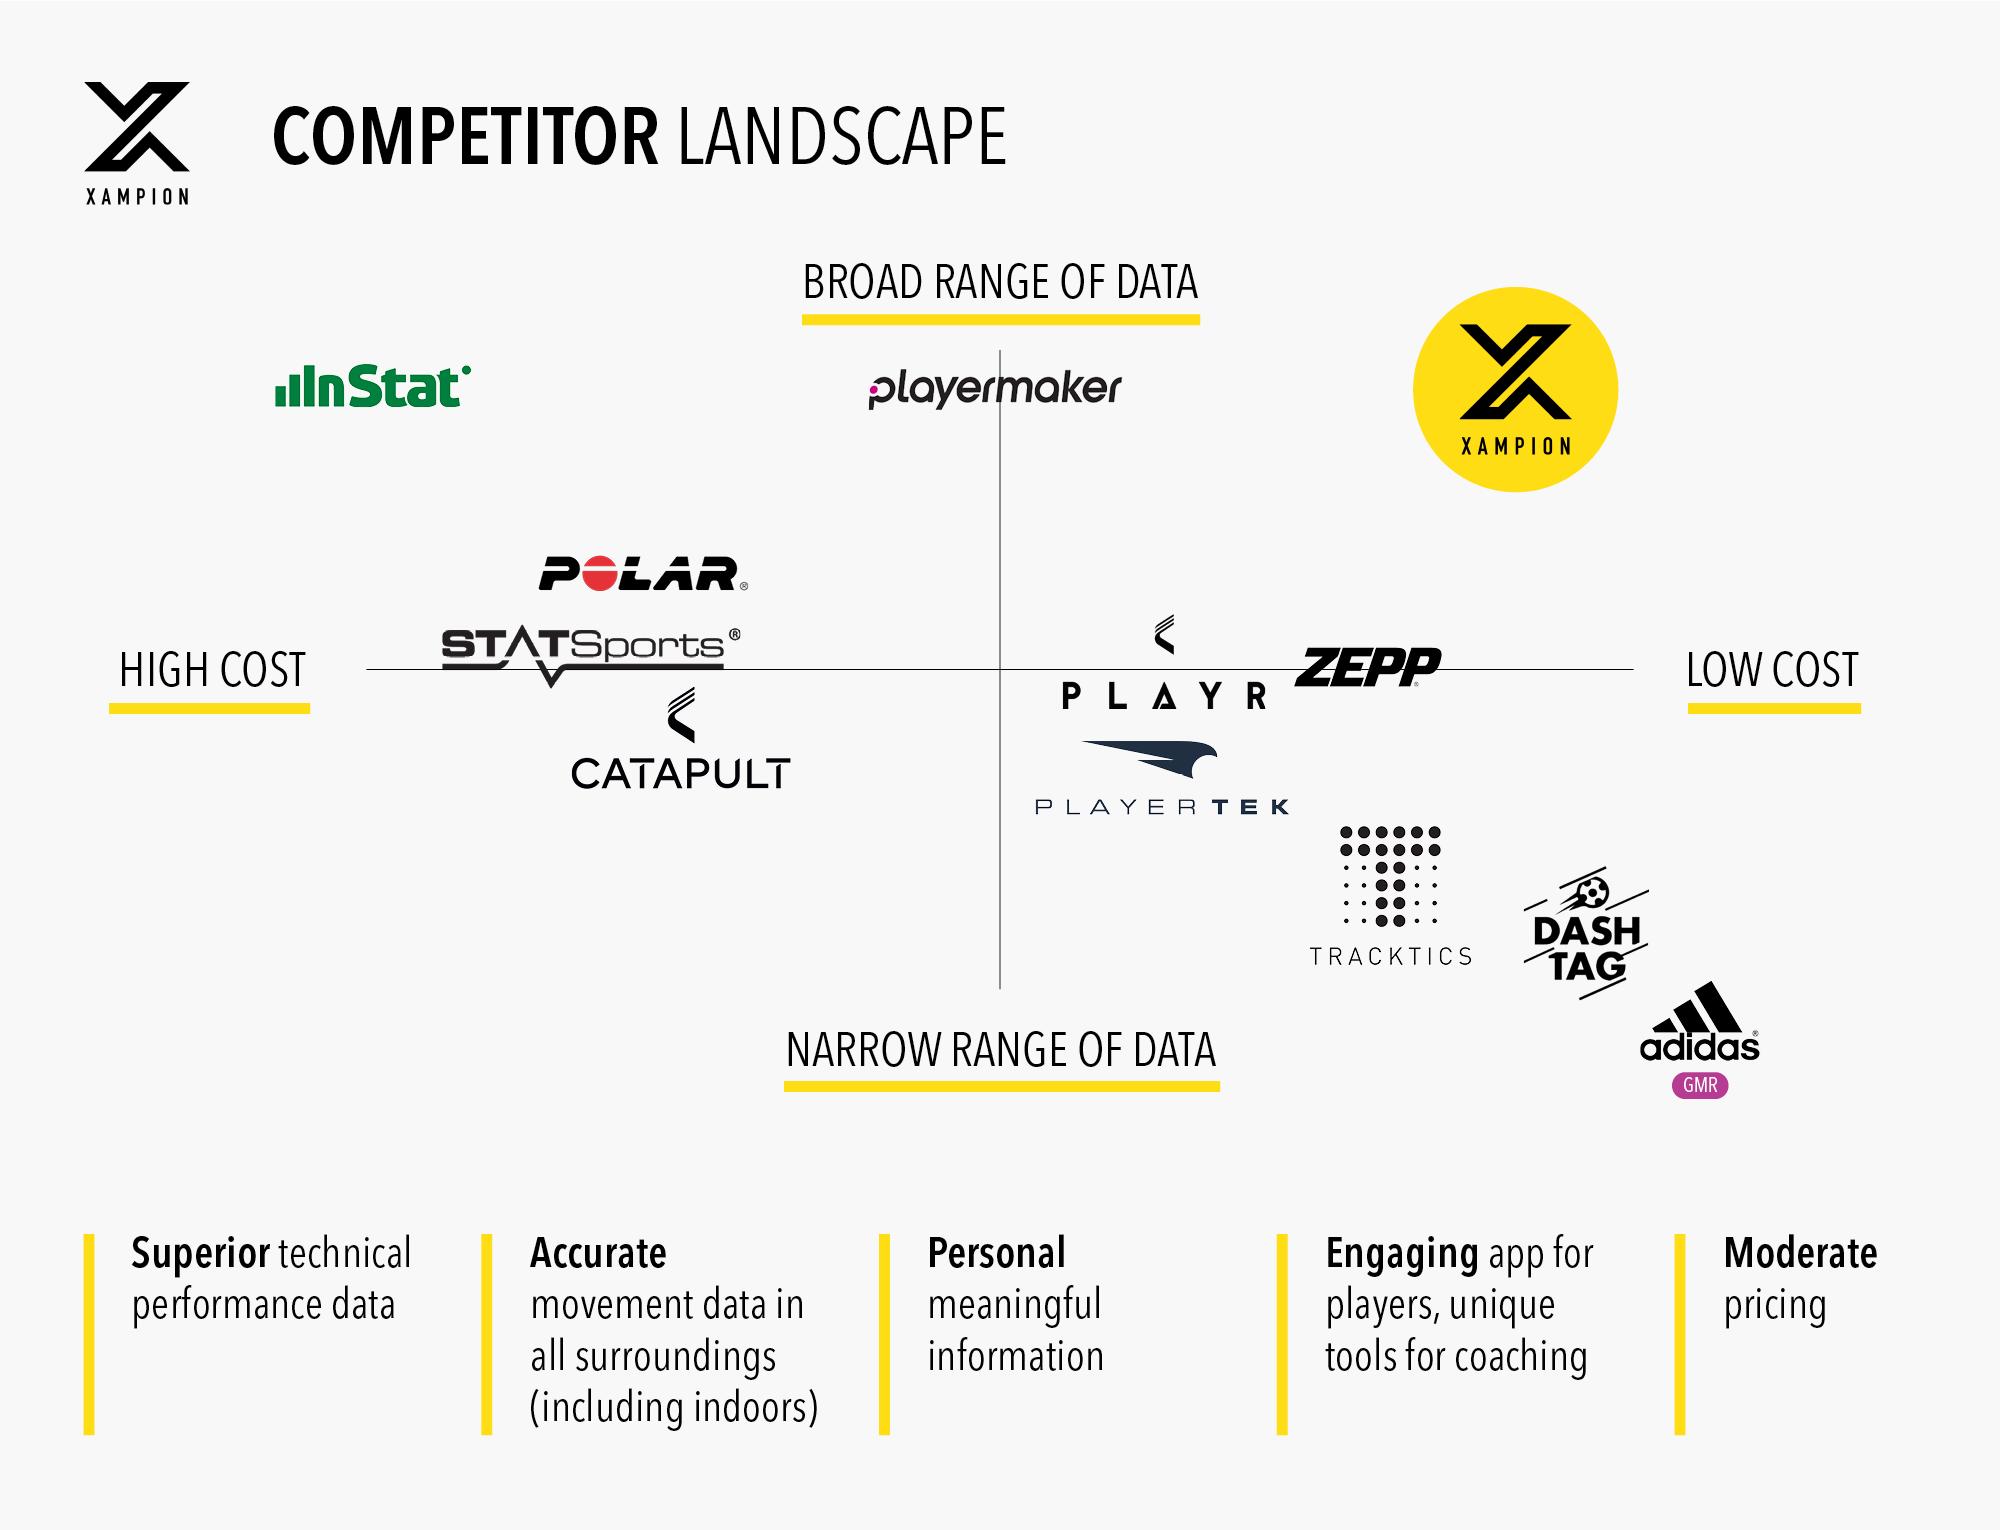 competitor landscape pic